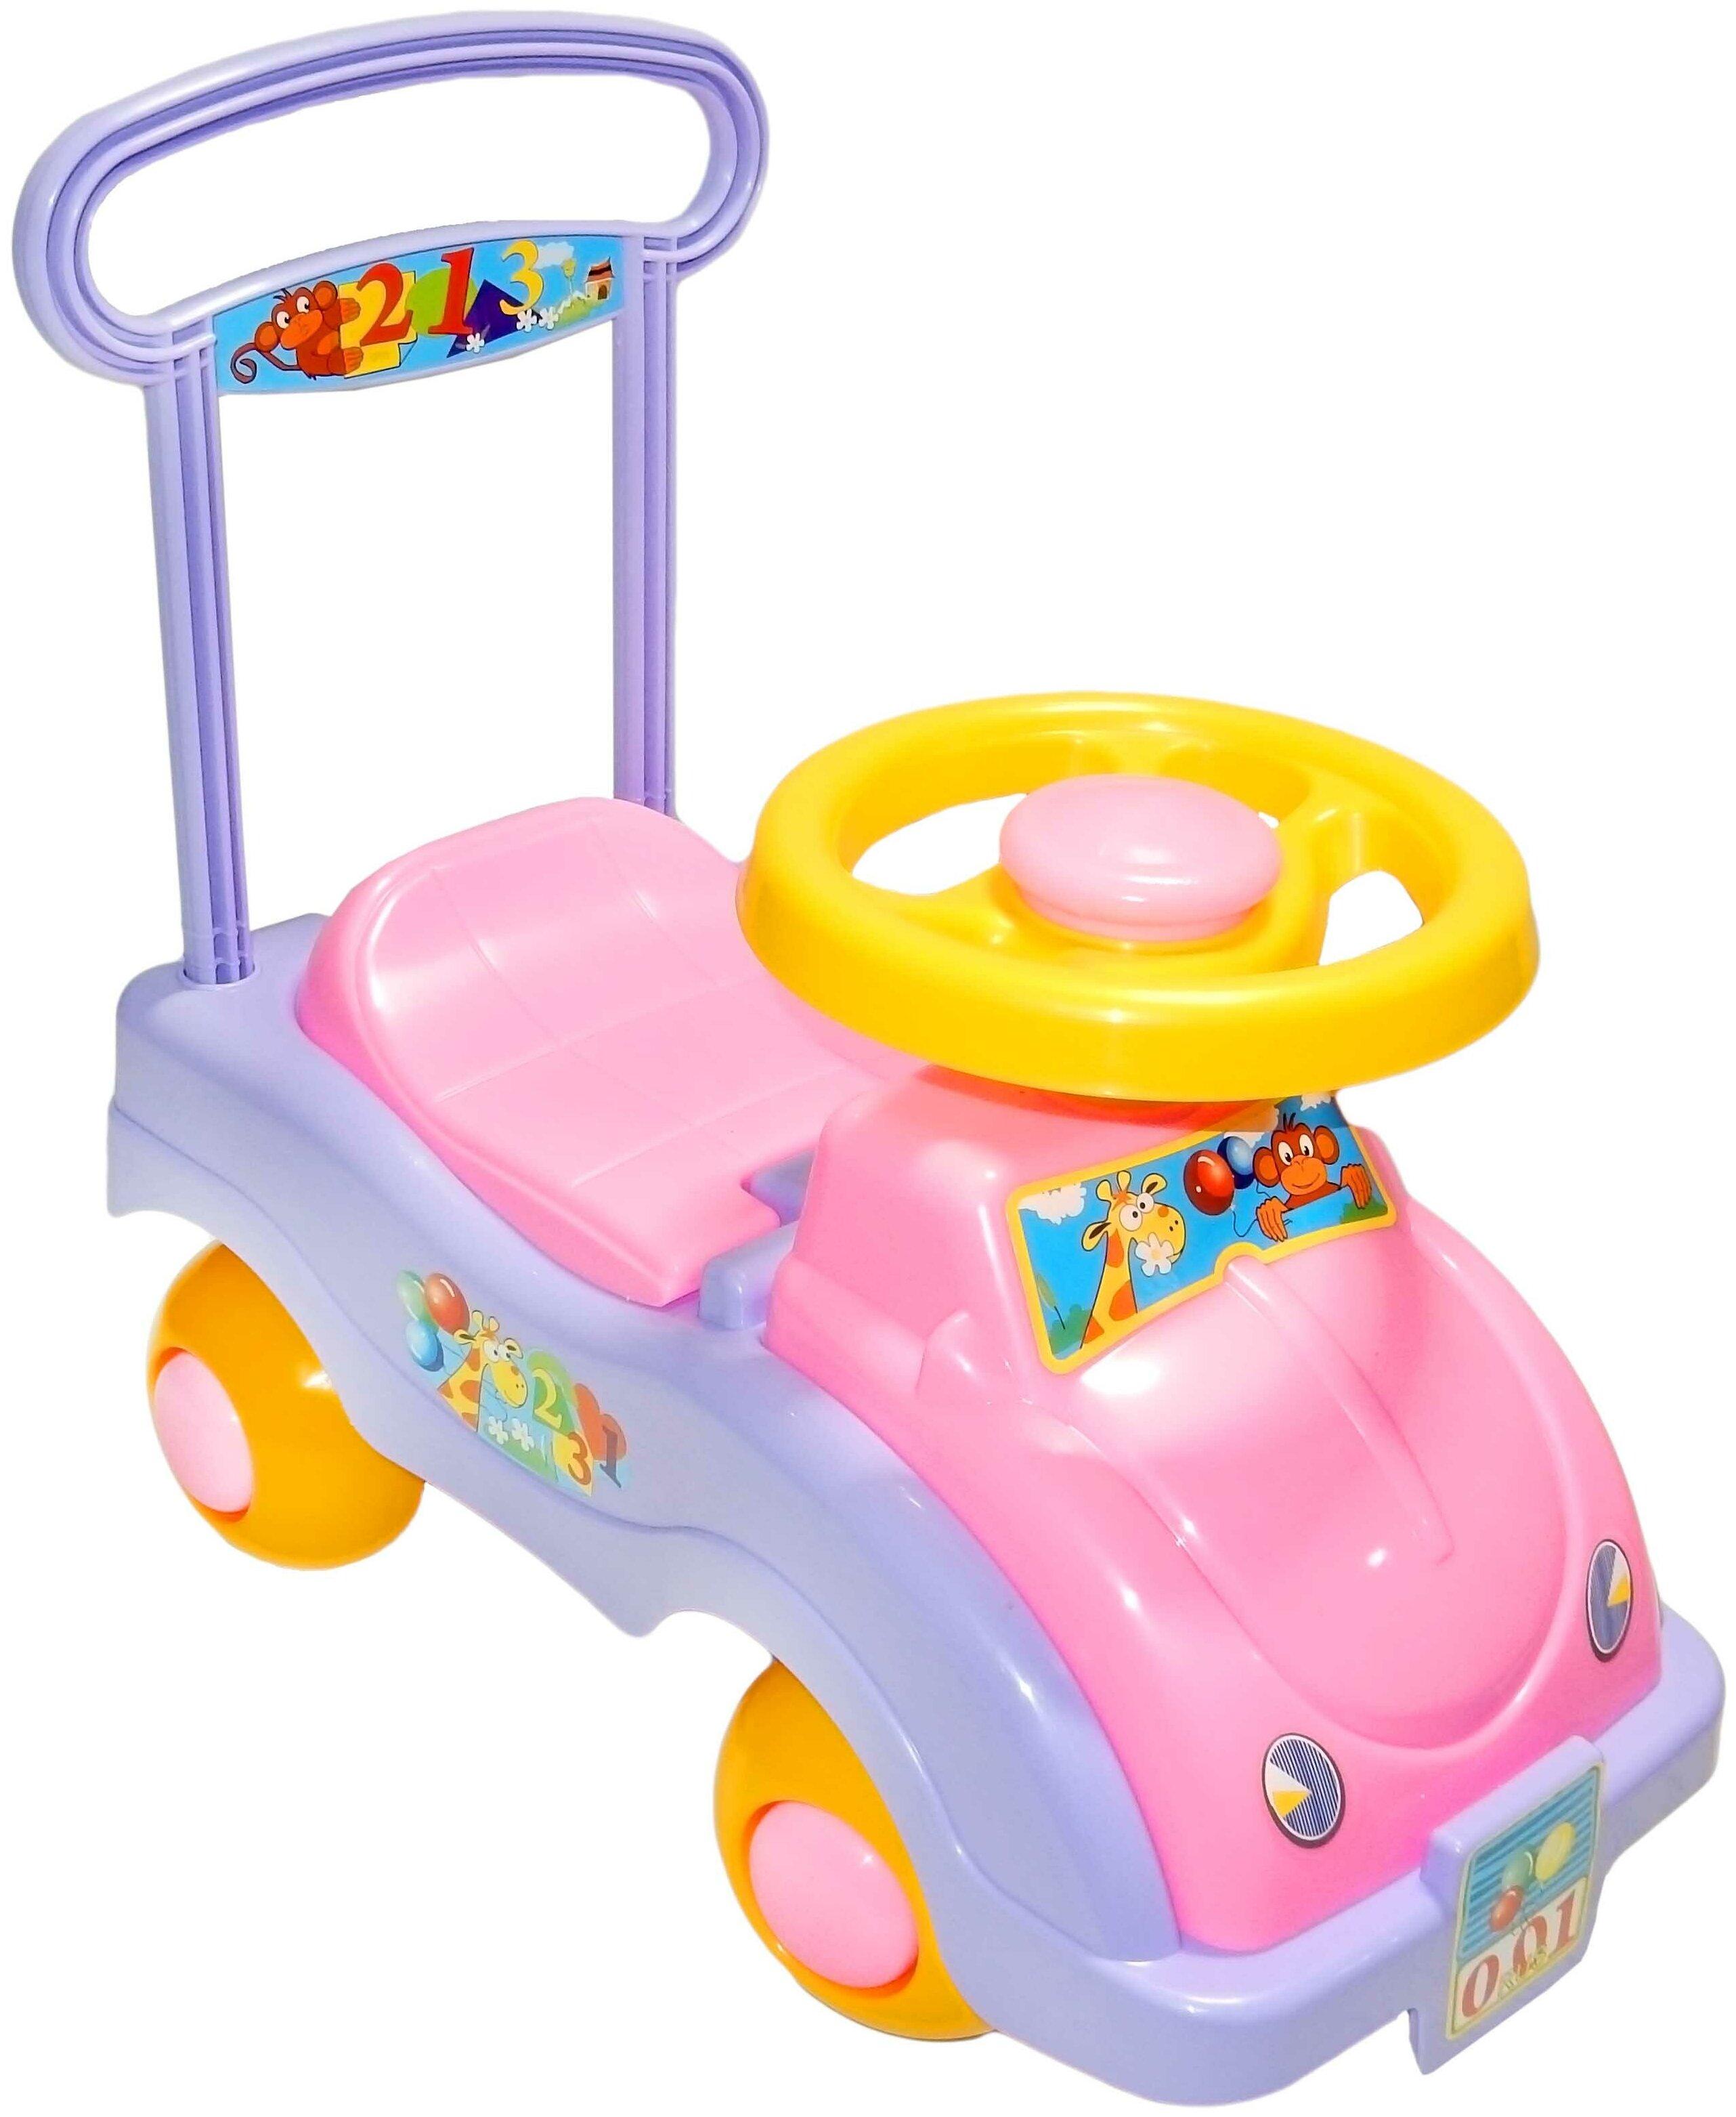 СТРОМ Автомобиль для девочек - максимальная нагрузка: 25кг